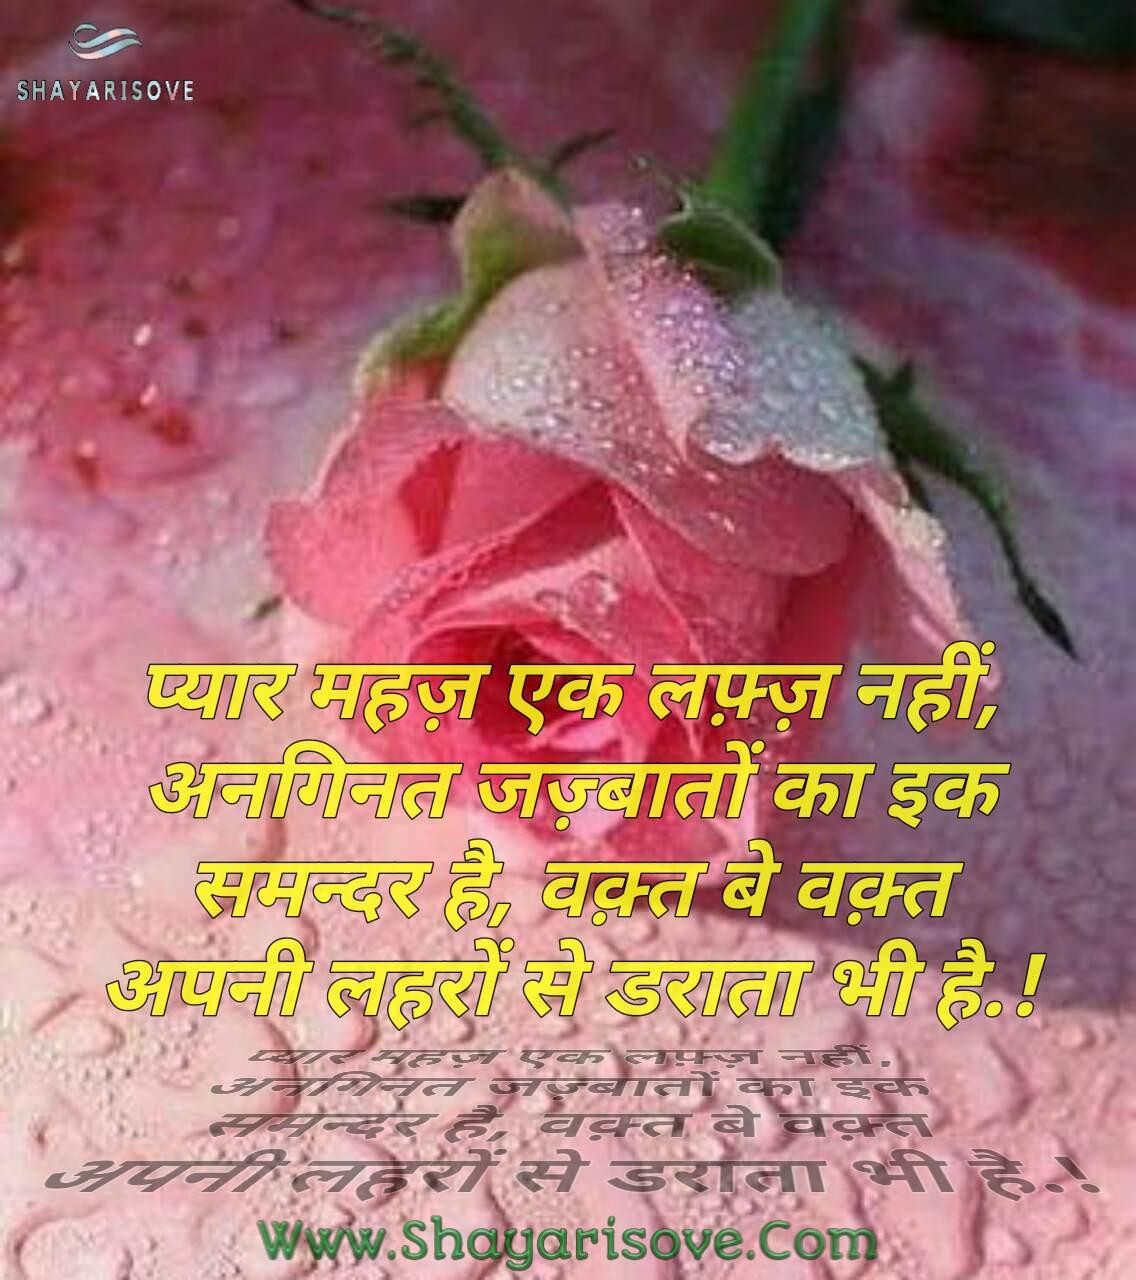 Pyar mahaj